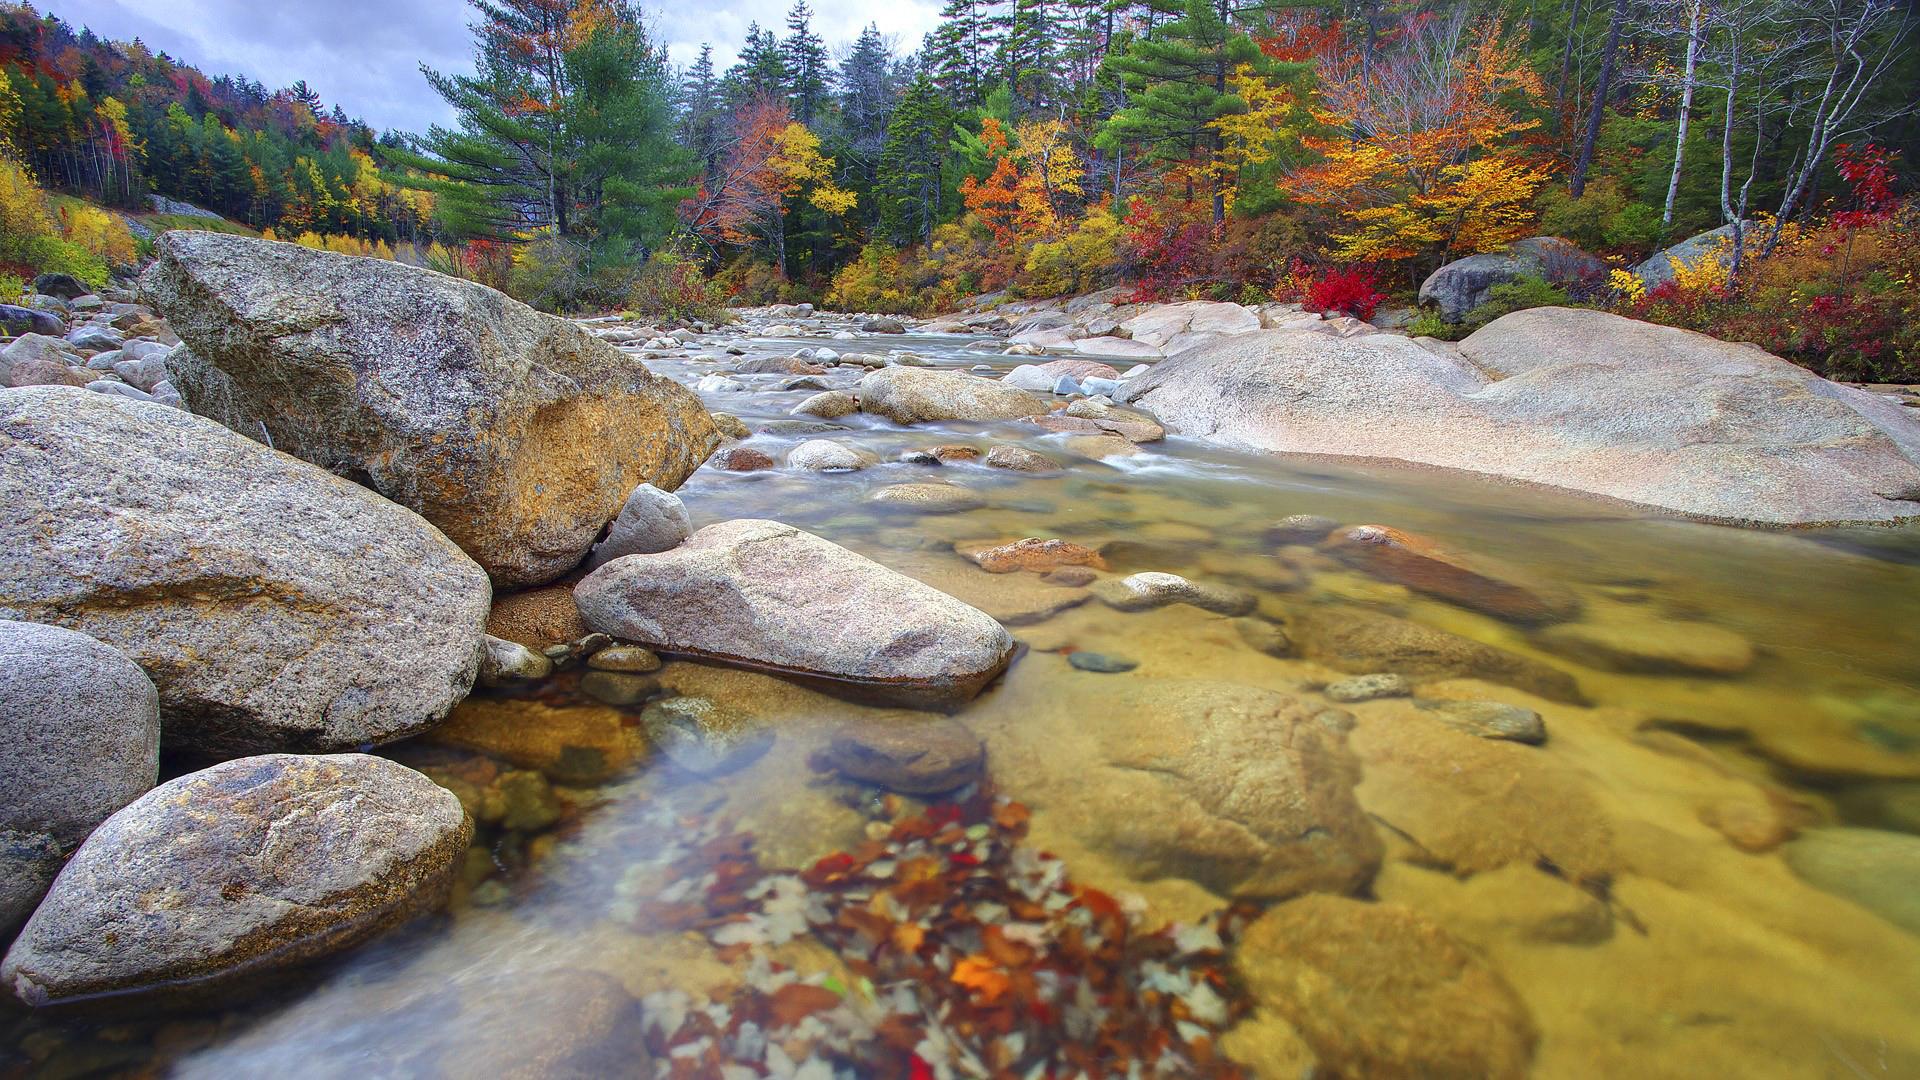 гора речка камни смотреть